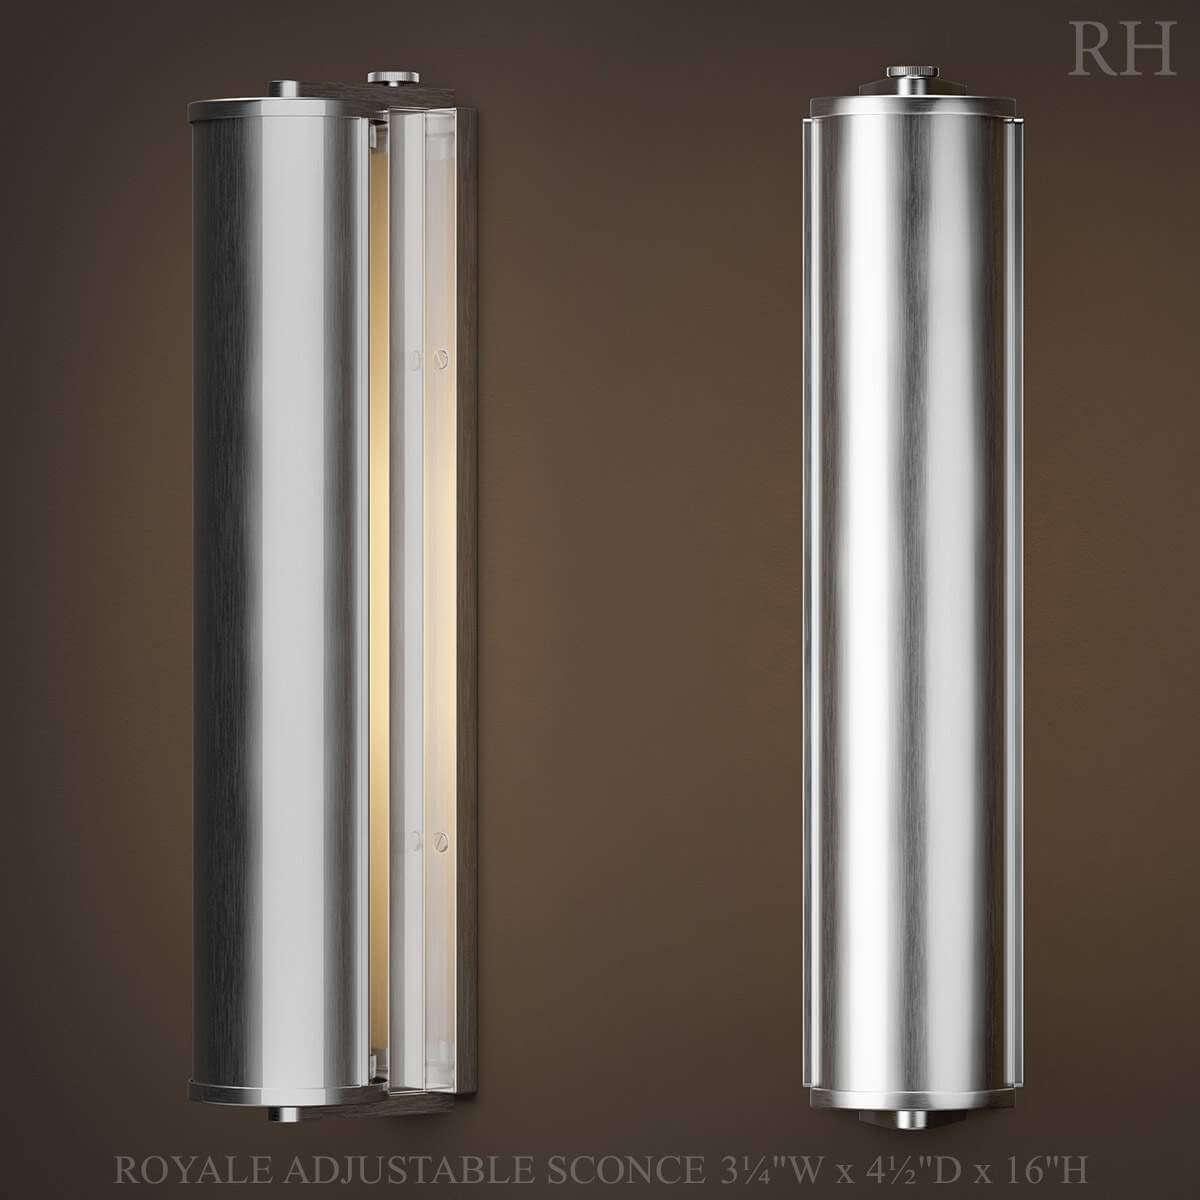 RH Royale Adjustable Sconce 30D Model